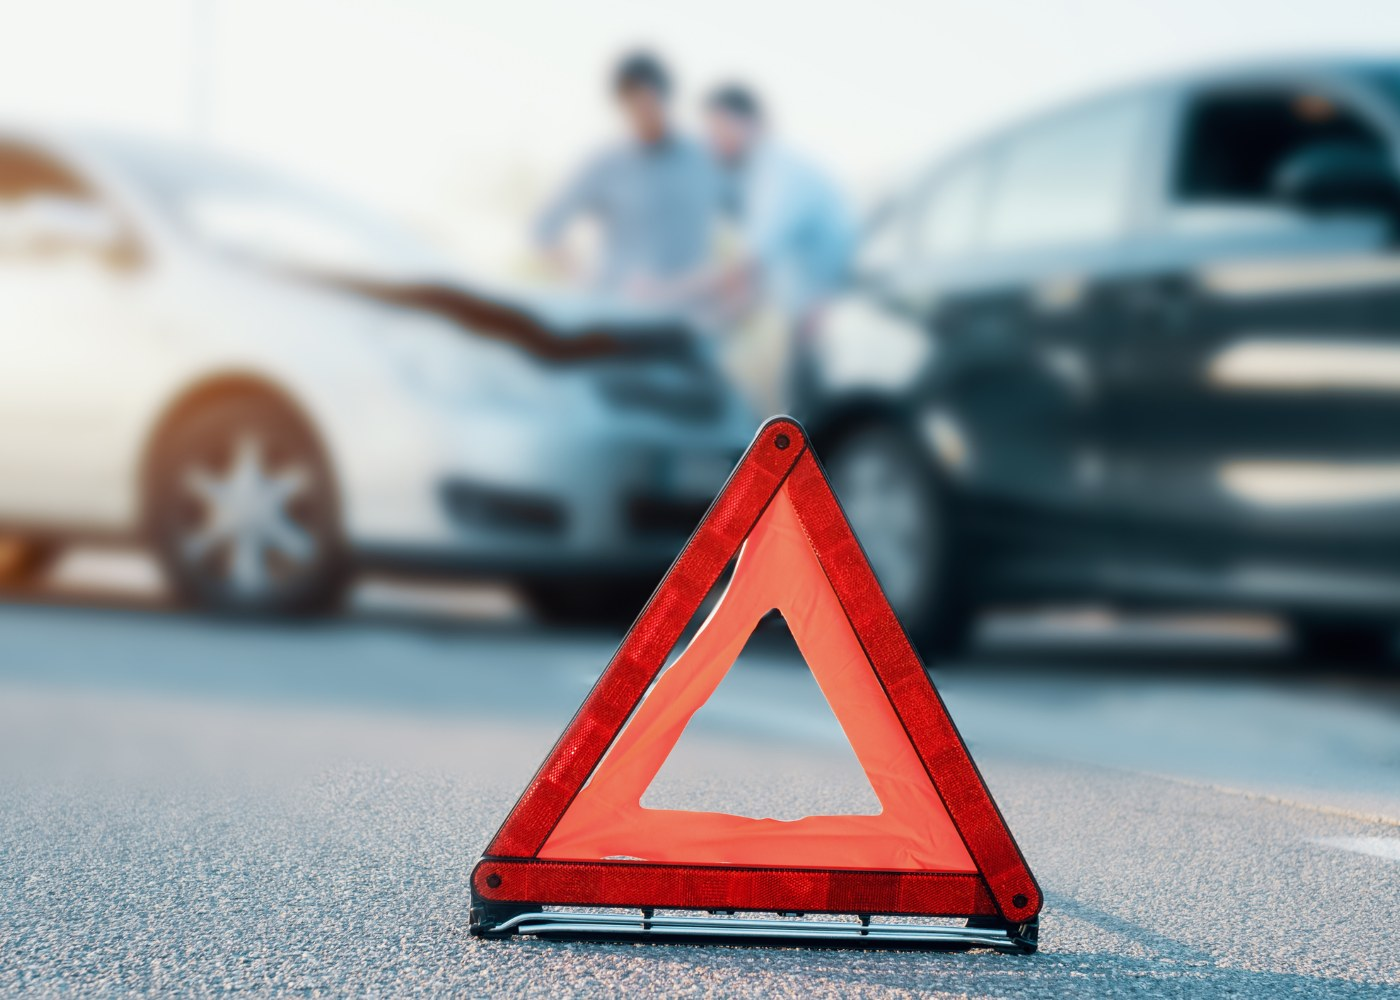 colisão entre dois carros sinalizada com triângulo